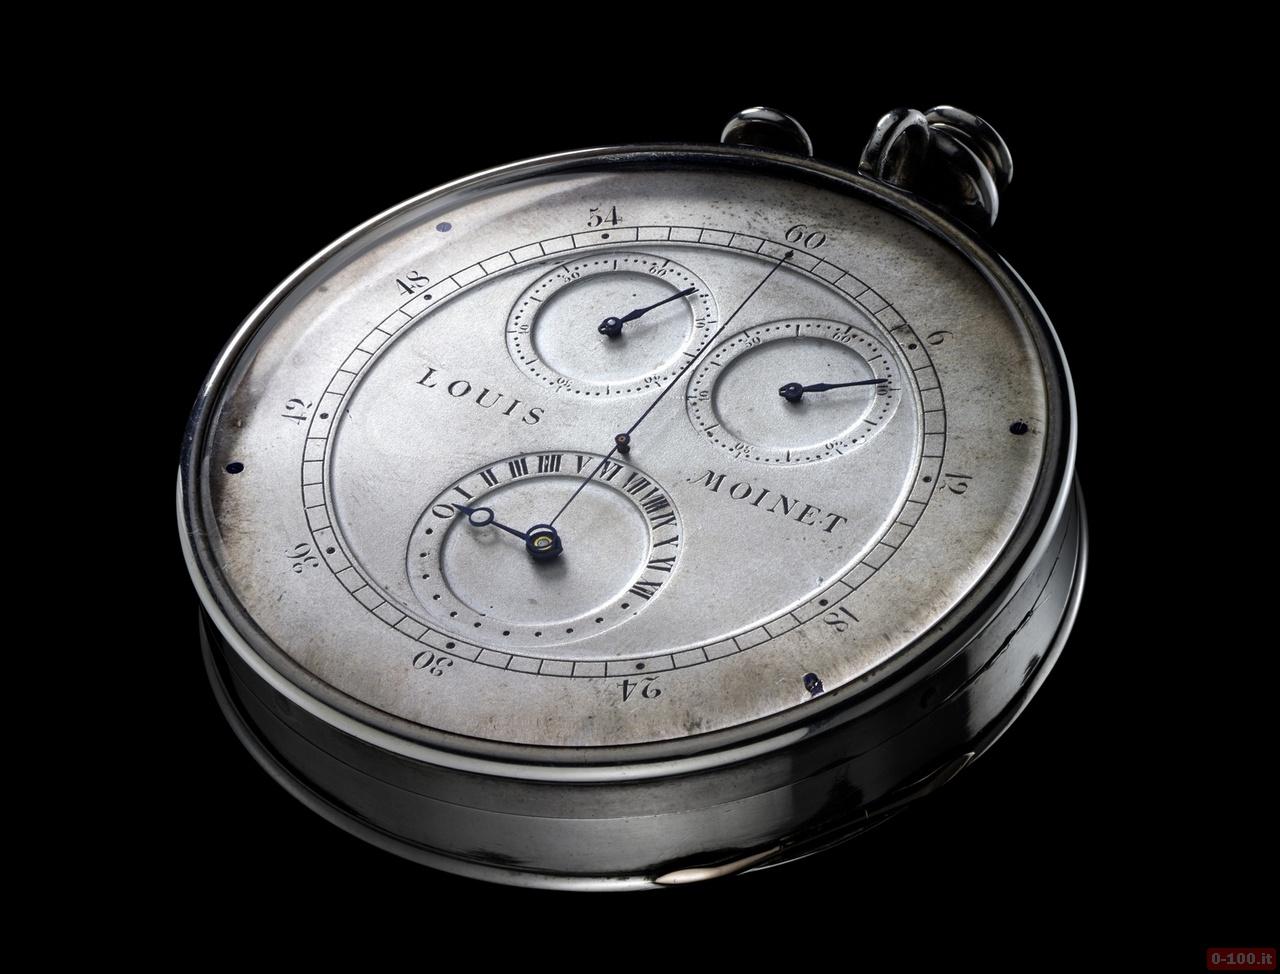 louis-moinet-compteur-de-tierces-chronograph-1816_0-100_1